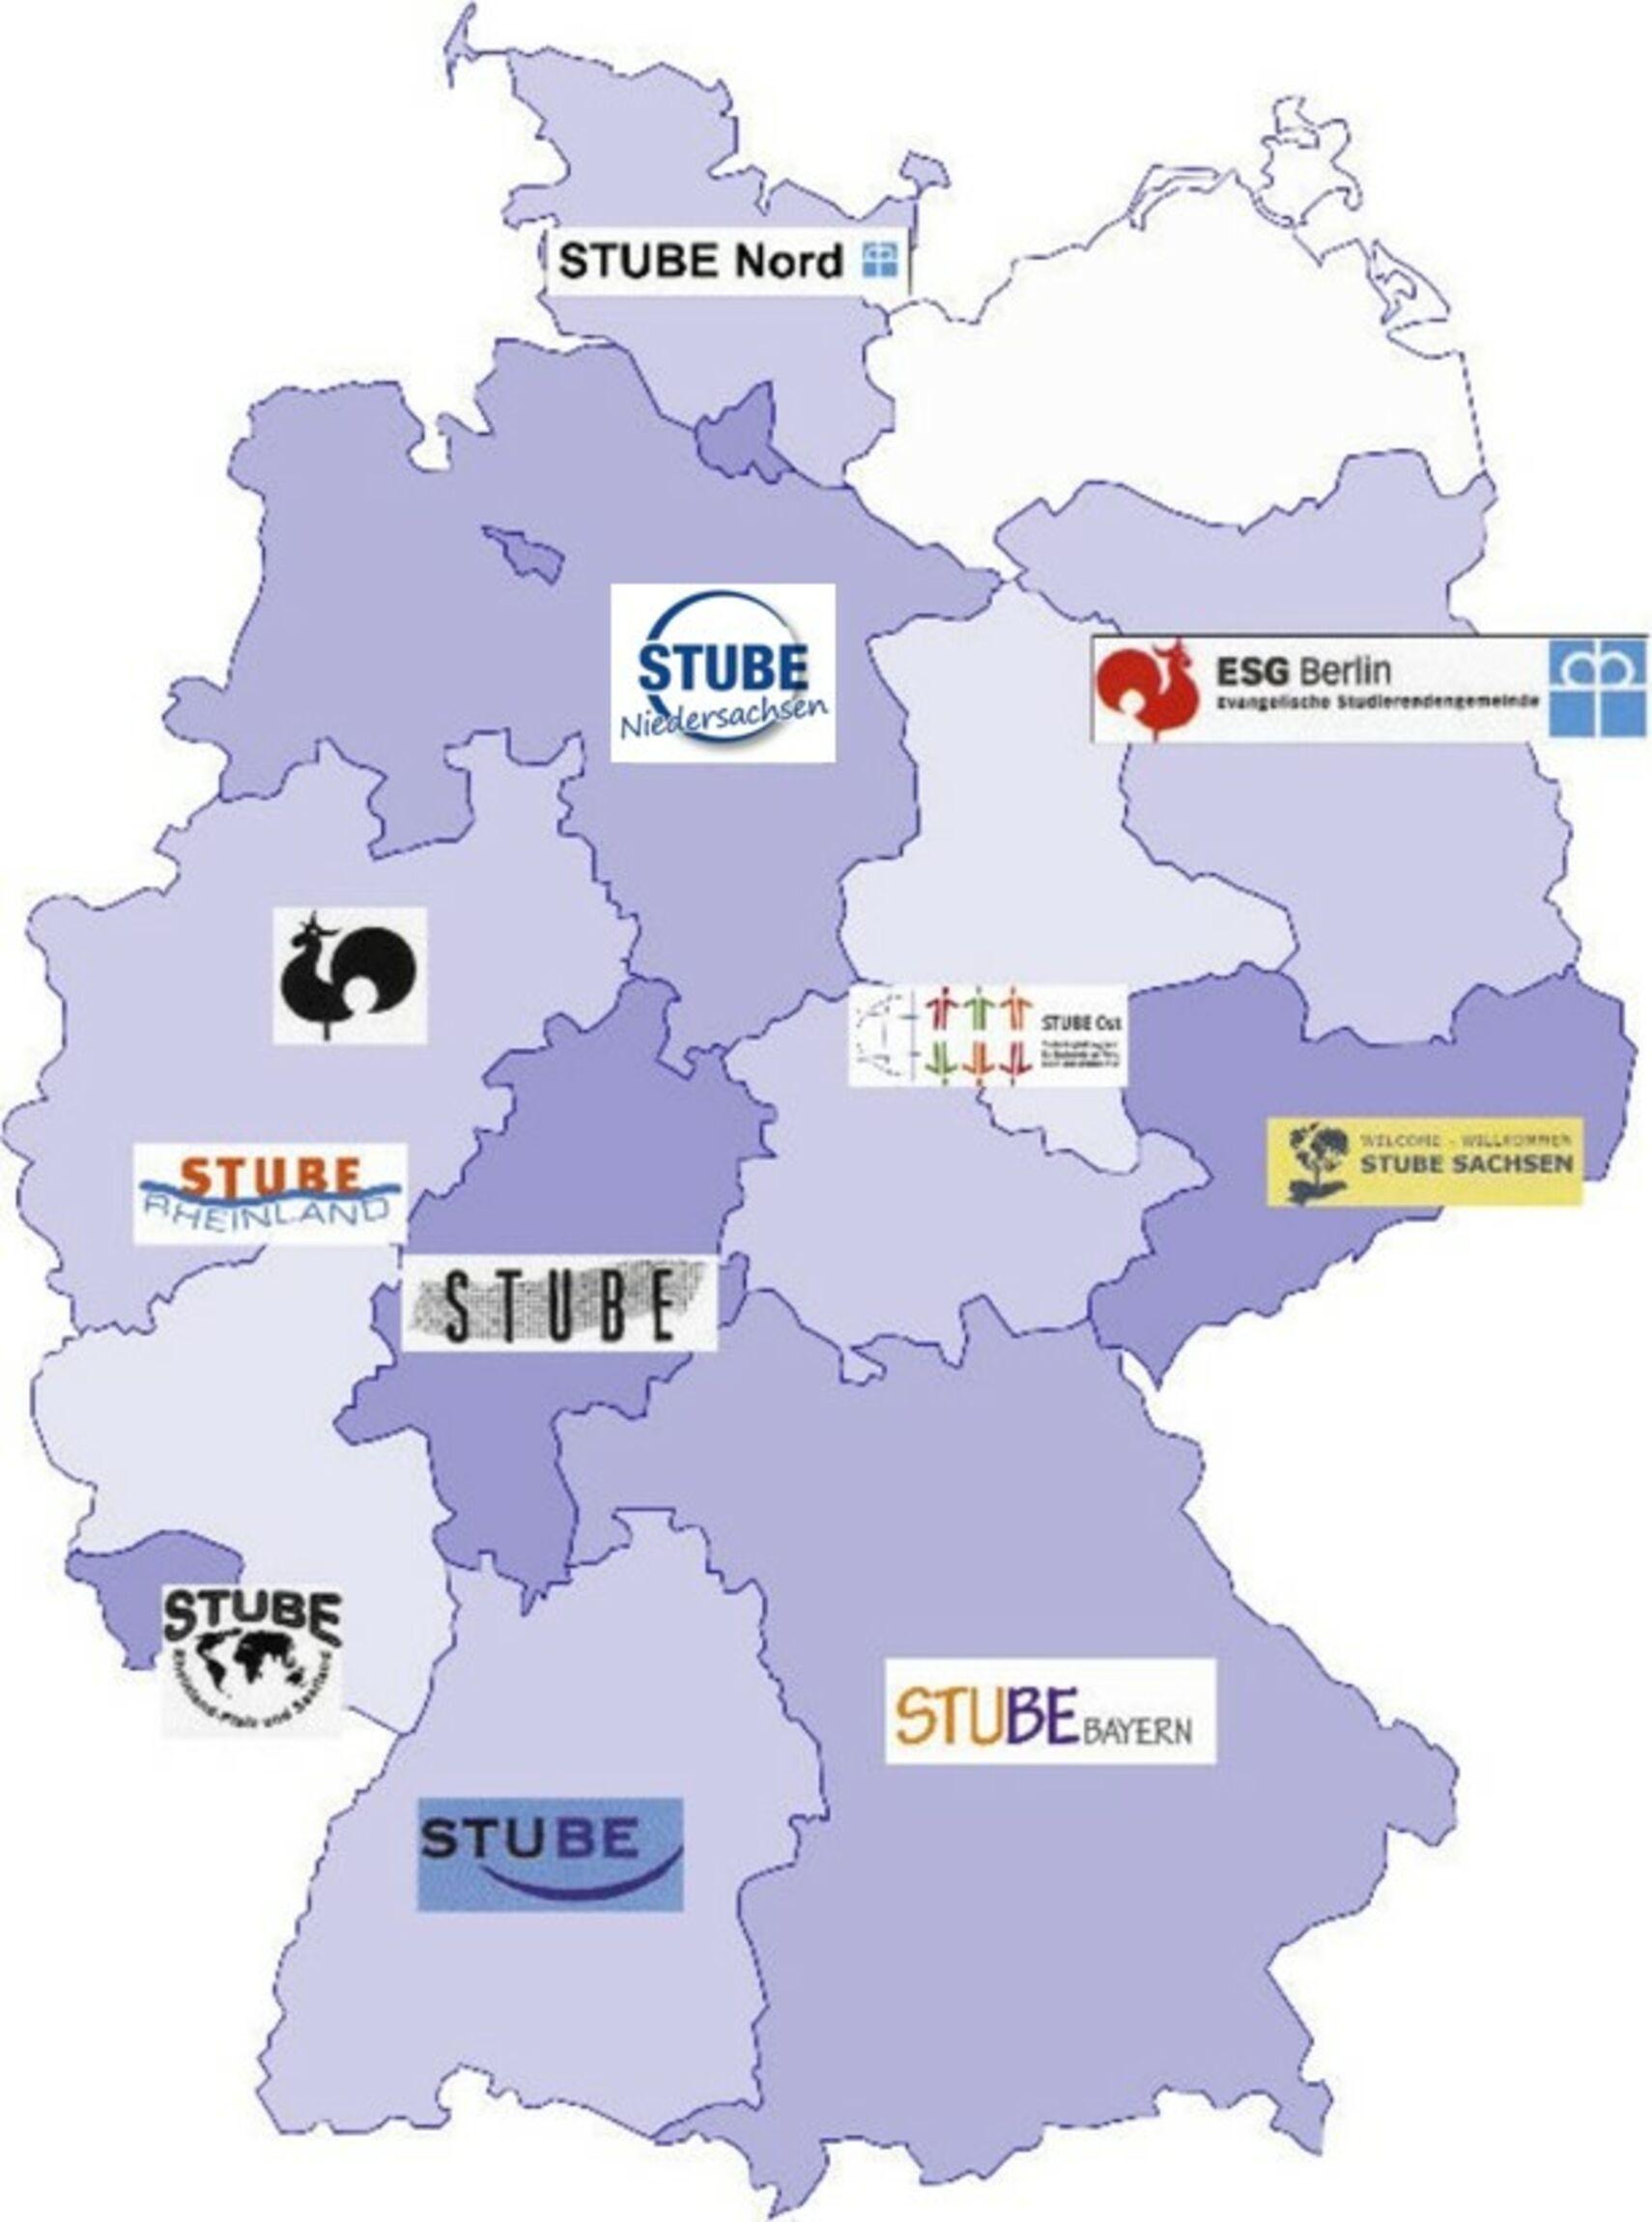 STUBE Deutschland